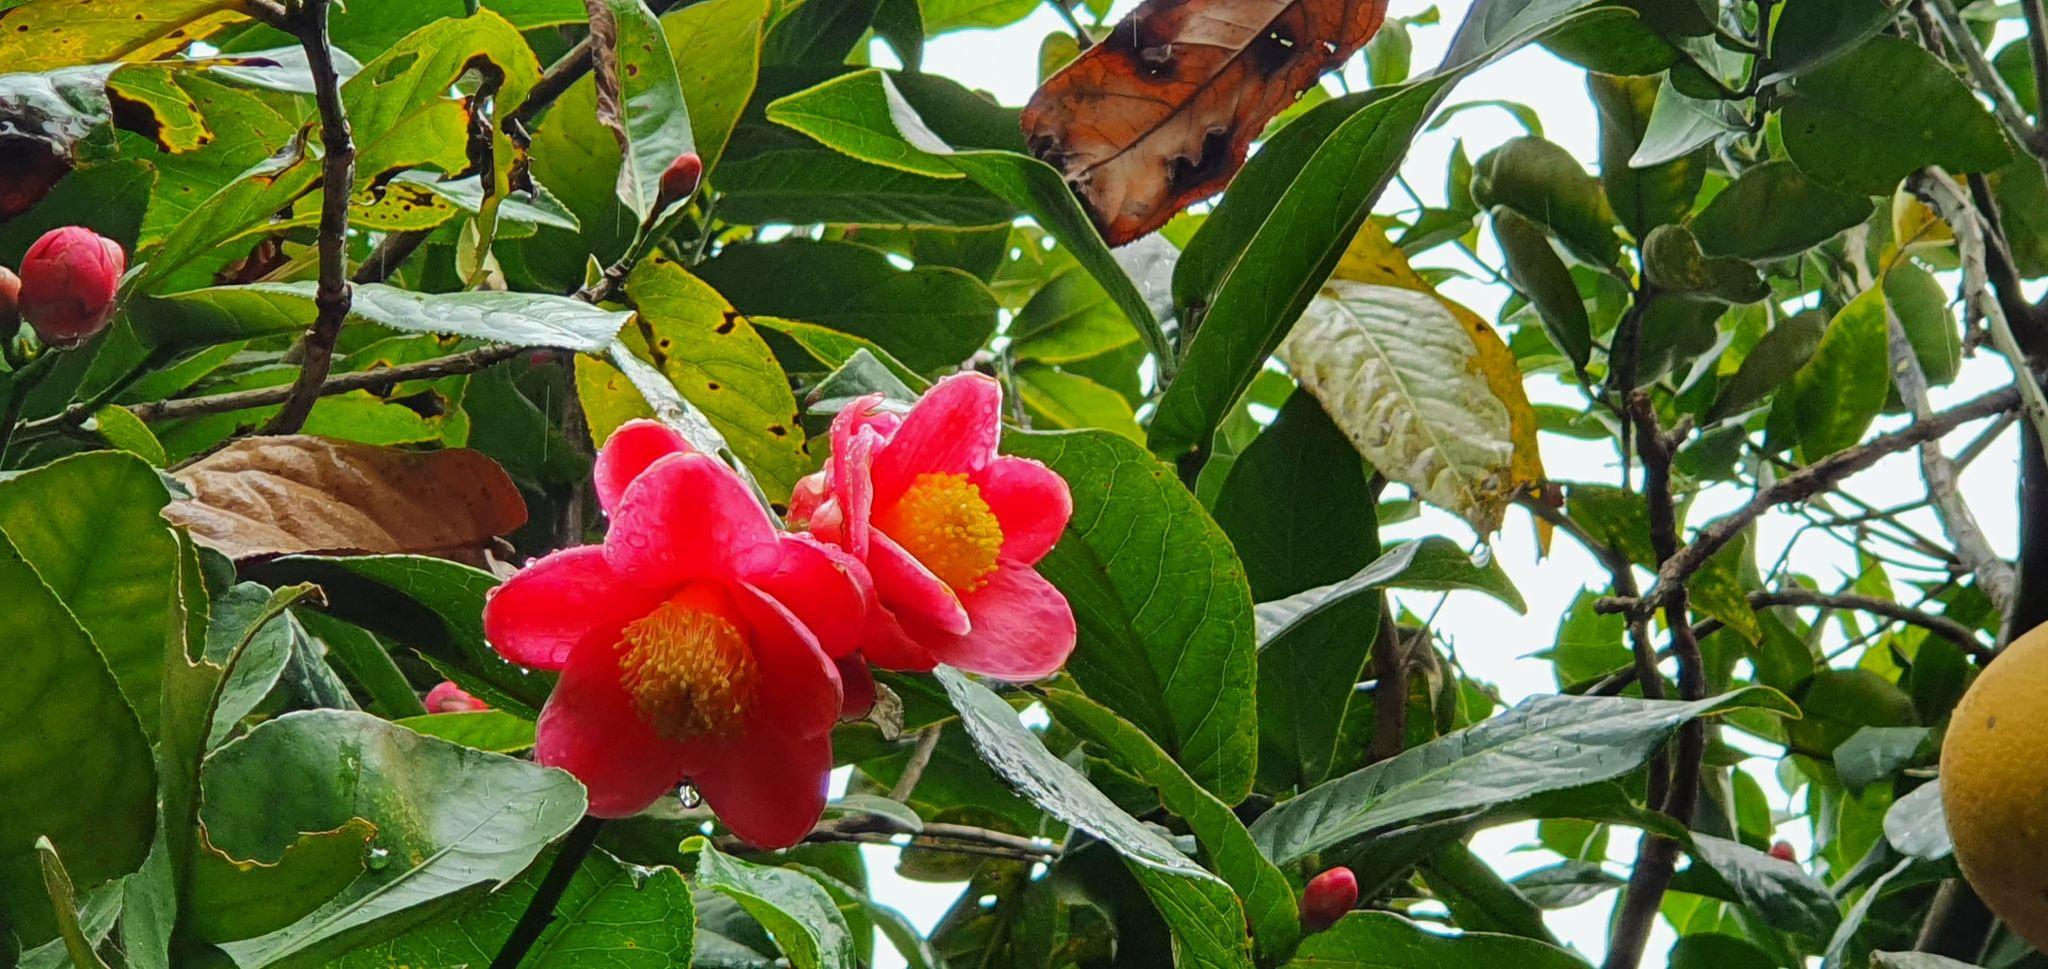 Về làng hoa Đồng Dụ ngắm cây hải đường cổ thụ hơn trăm tuổi - 7